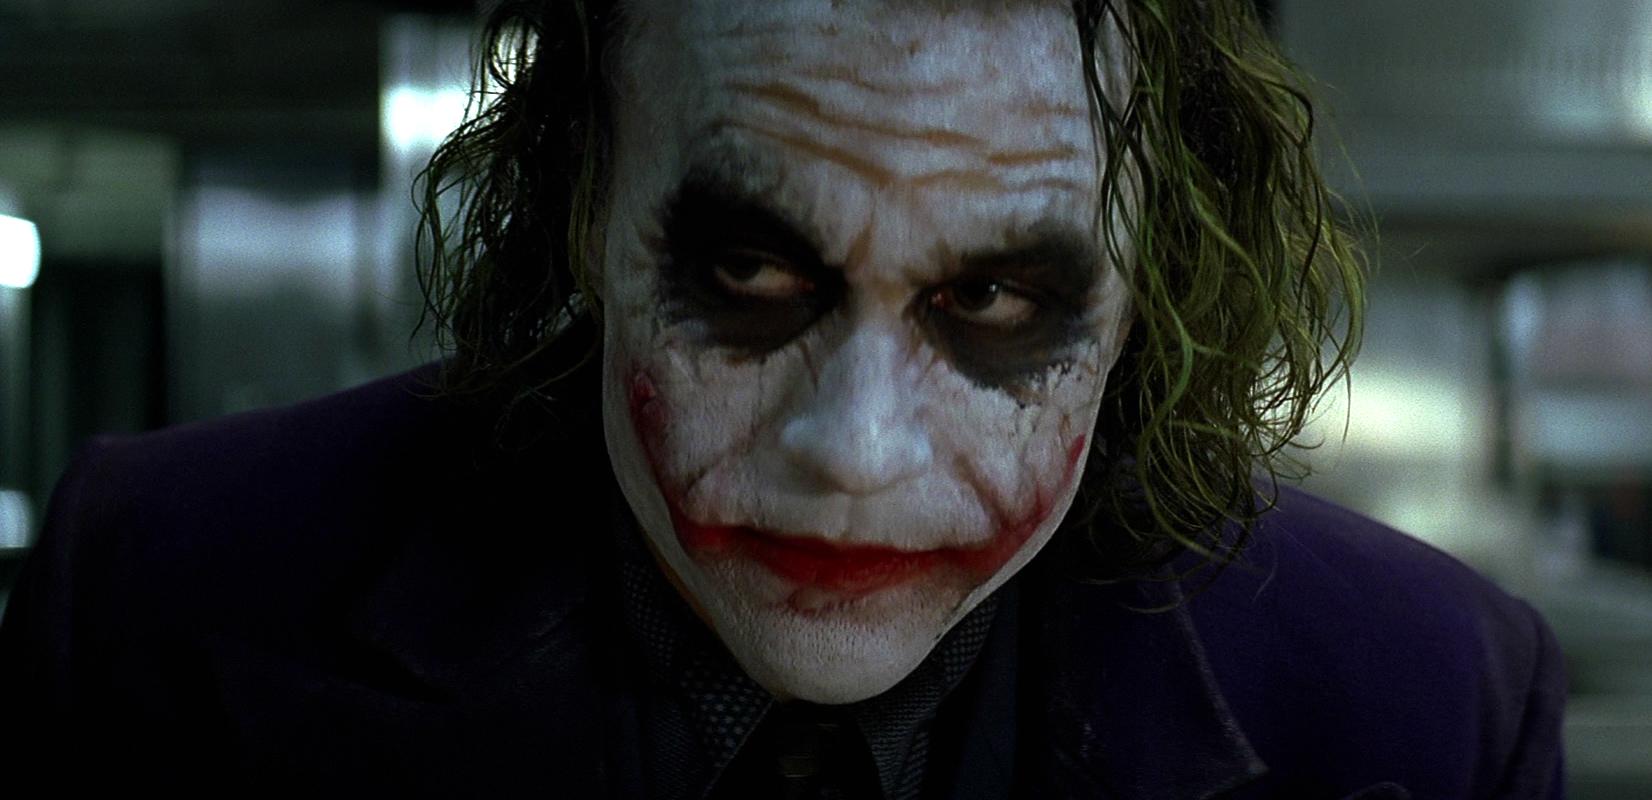 The joker joker foto 30677841 fanpop for Immagini joker hd